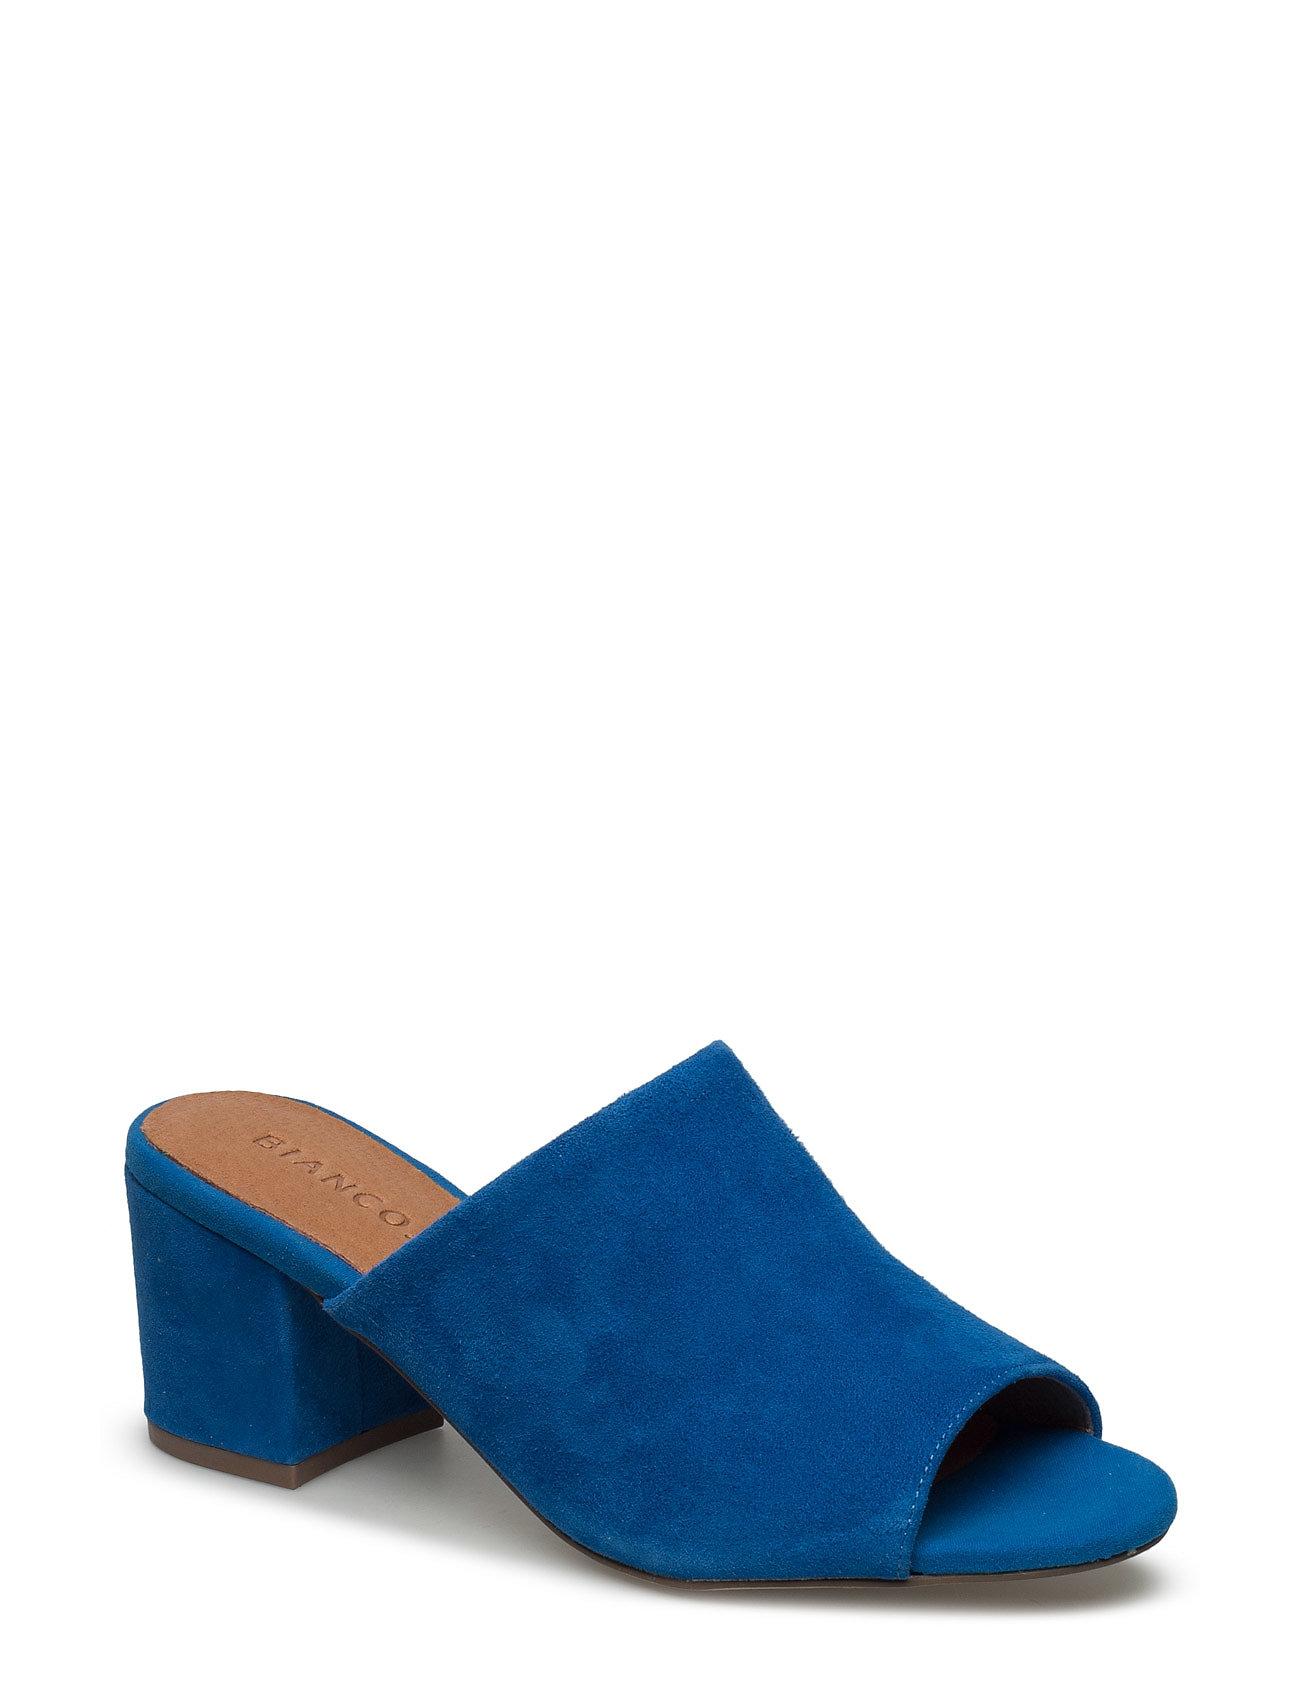 f71d1e974ca Suede Mule Sandal Jfm17 · Bianco. 559 kr